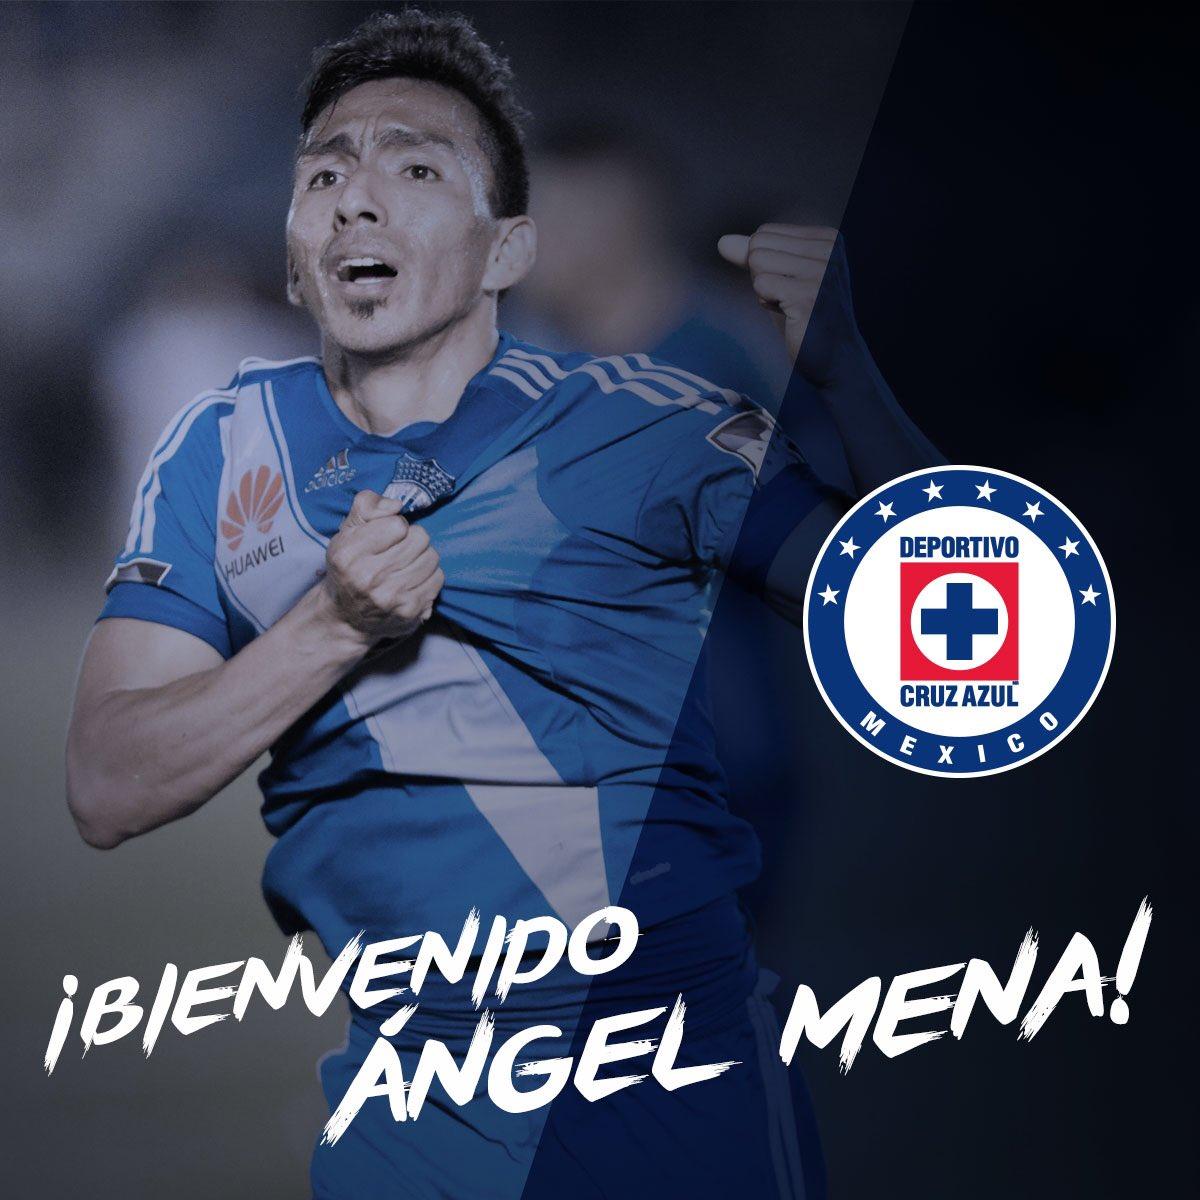 Oficial: Ángel Mena llega a la máquina ¡Bienvenido! #CambiemosLaHistoria #AzulEsTodo https://t.co/GCftytFzuf